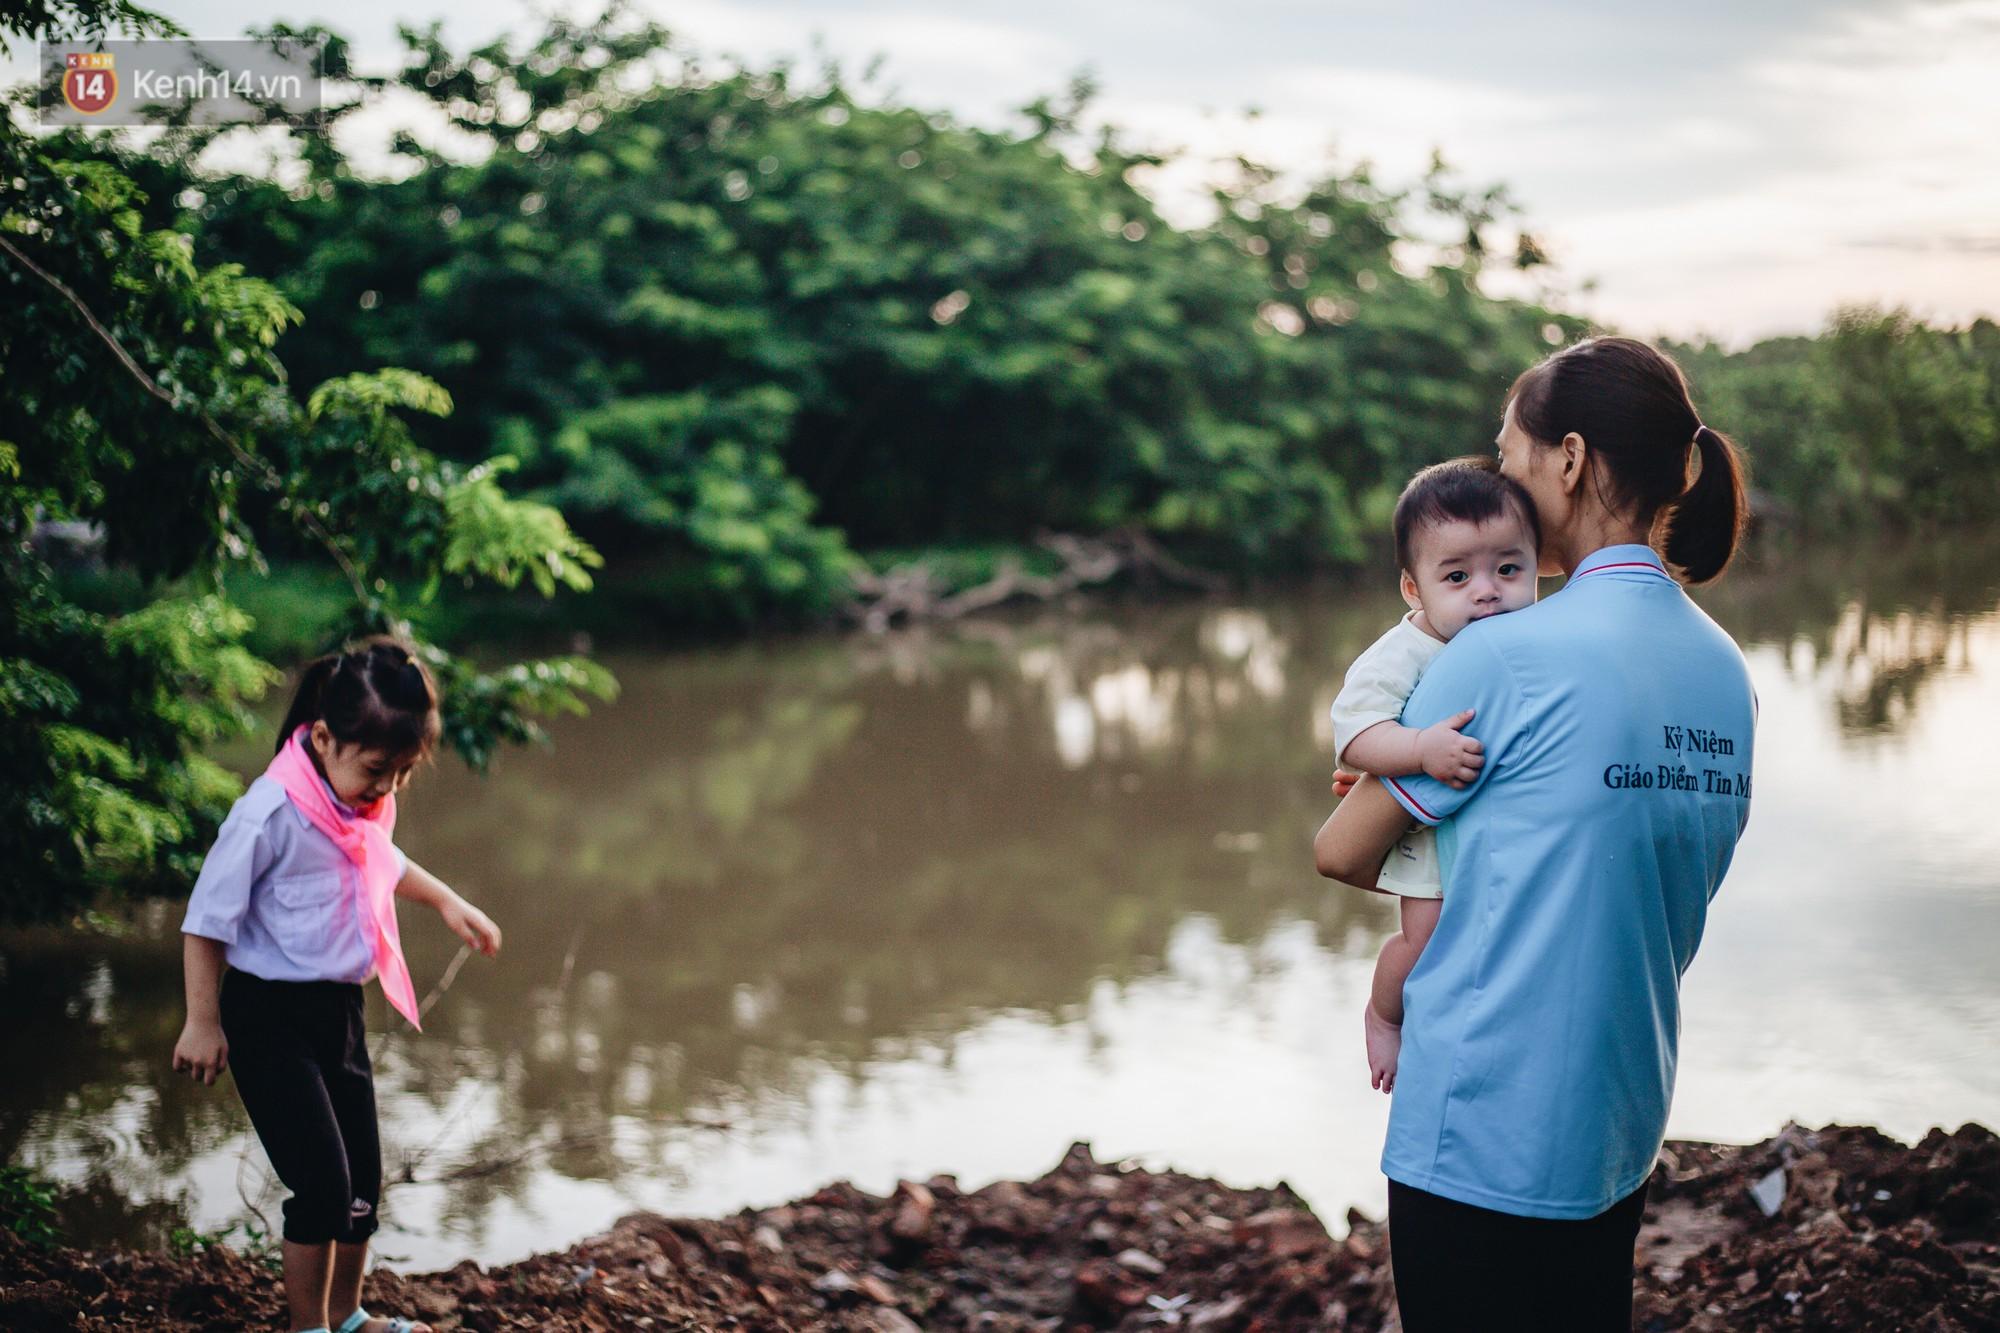 Người mẹ từ chối điều trị ung thư, chấp nhận mất đôi mắt để sinh con: Nếu có thể nhìn thấy con, tôi chẳng còn ước mơ nào lớn hơn thế - Ảnh 5.